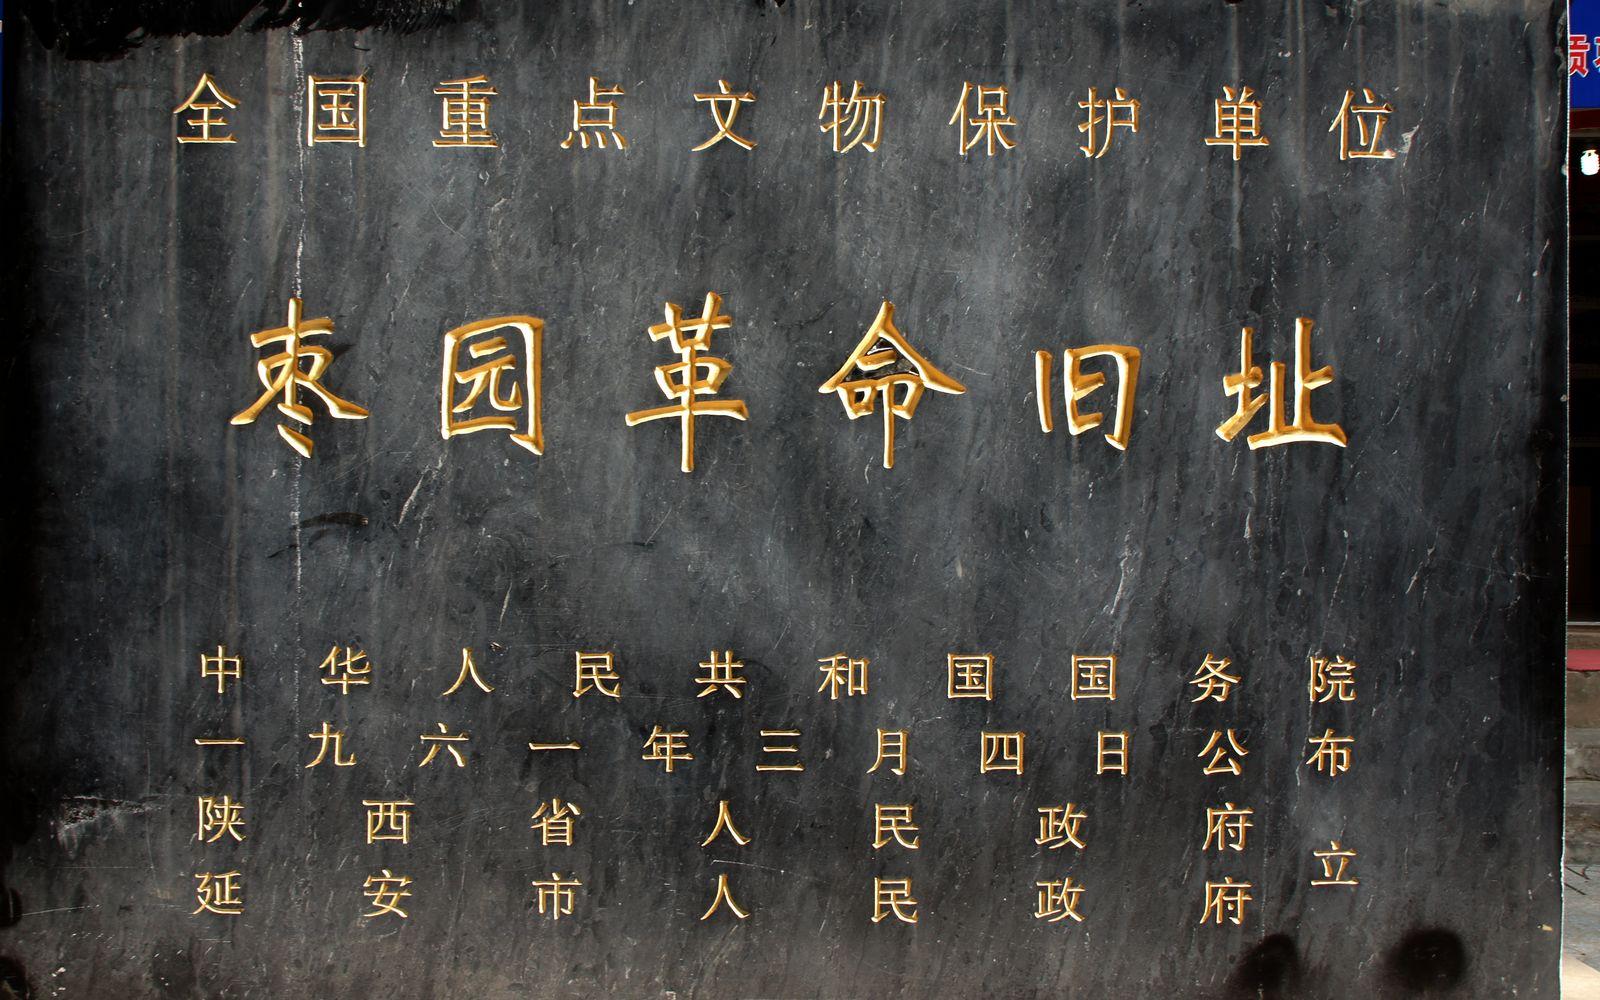 延安杨家岭革命胜地-延安枣园革命旧址标牌--94-1600.jpg